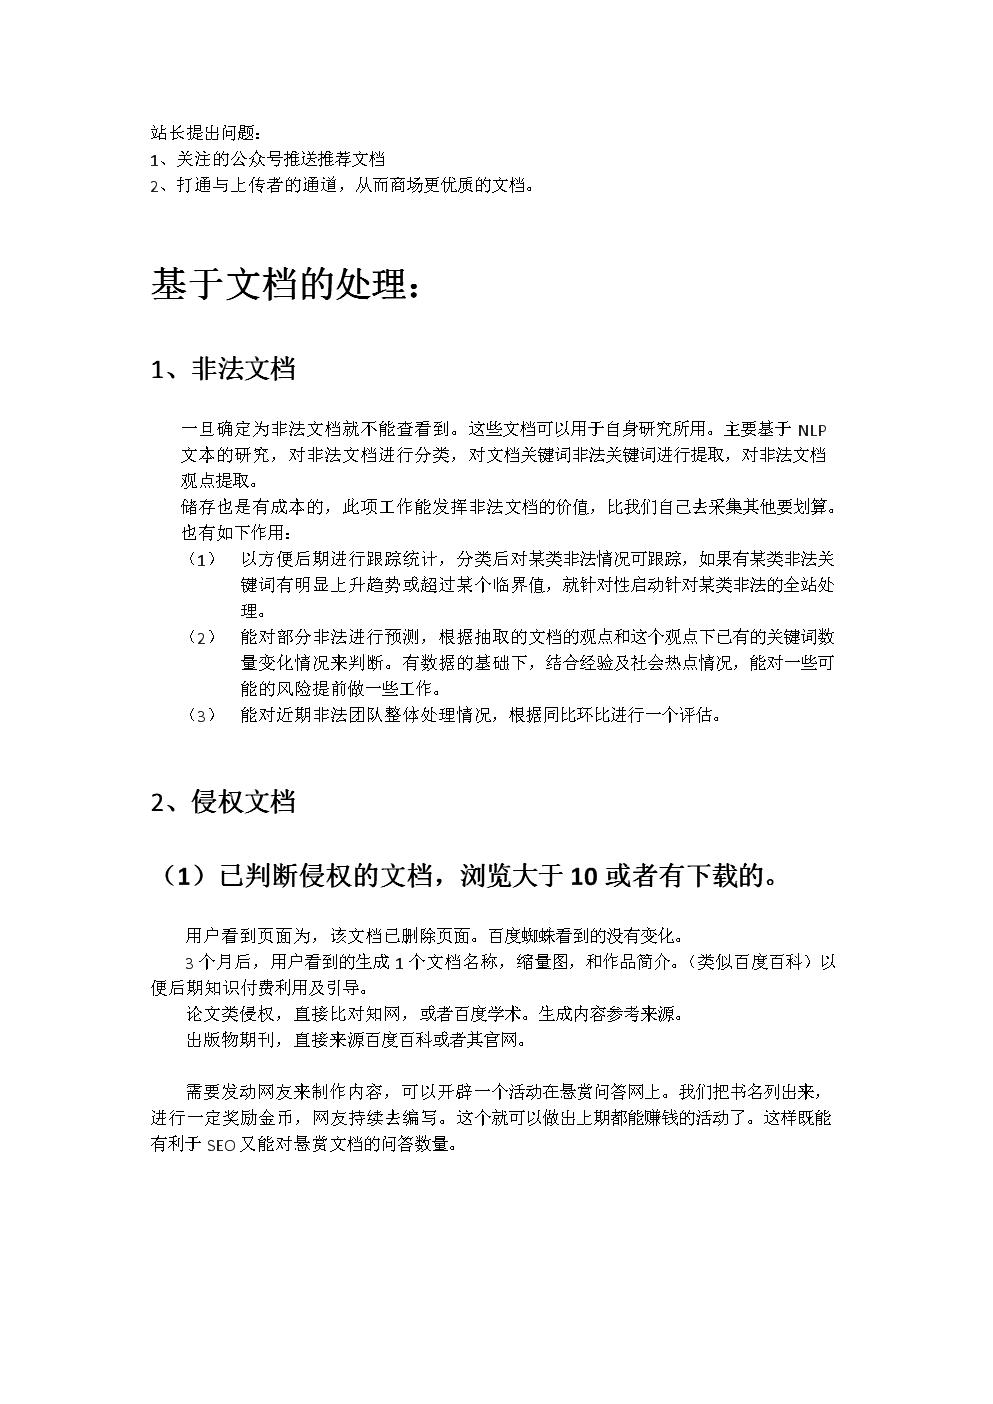 优化相关策略1.0.docx